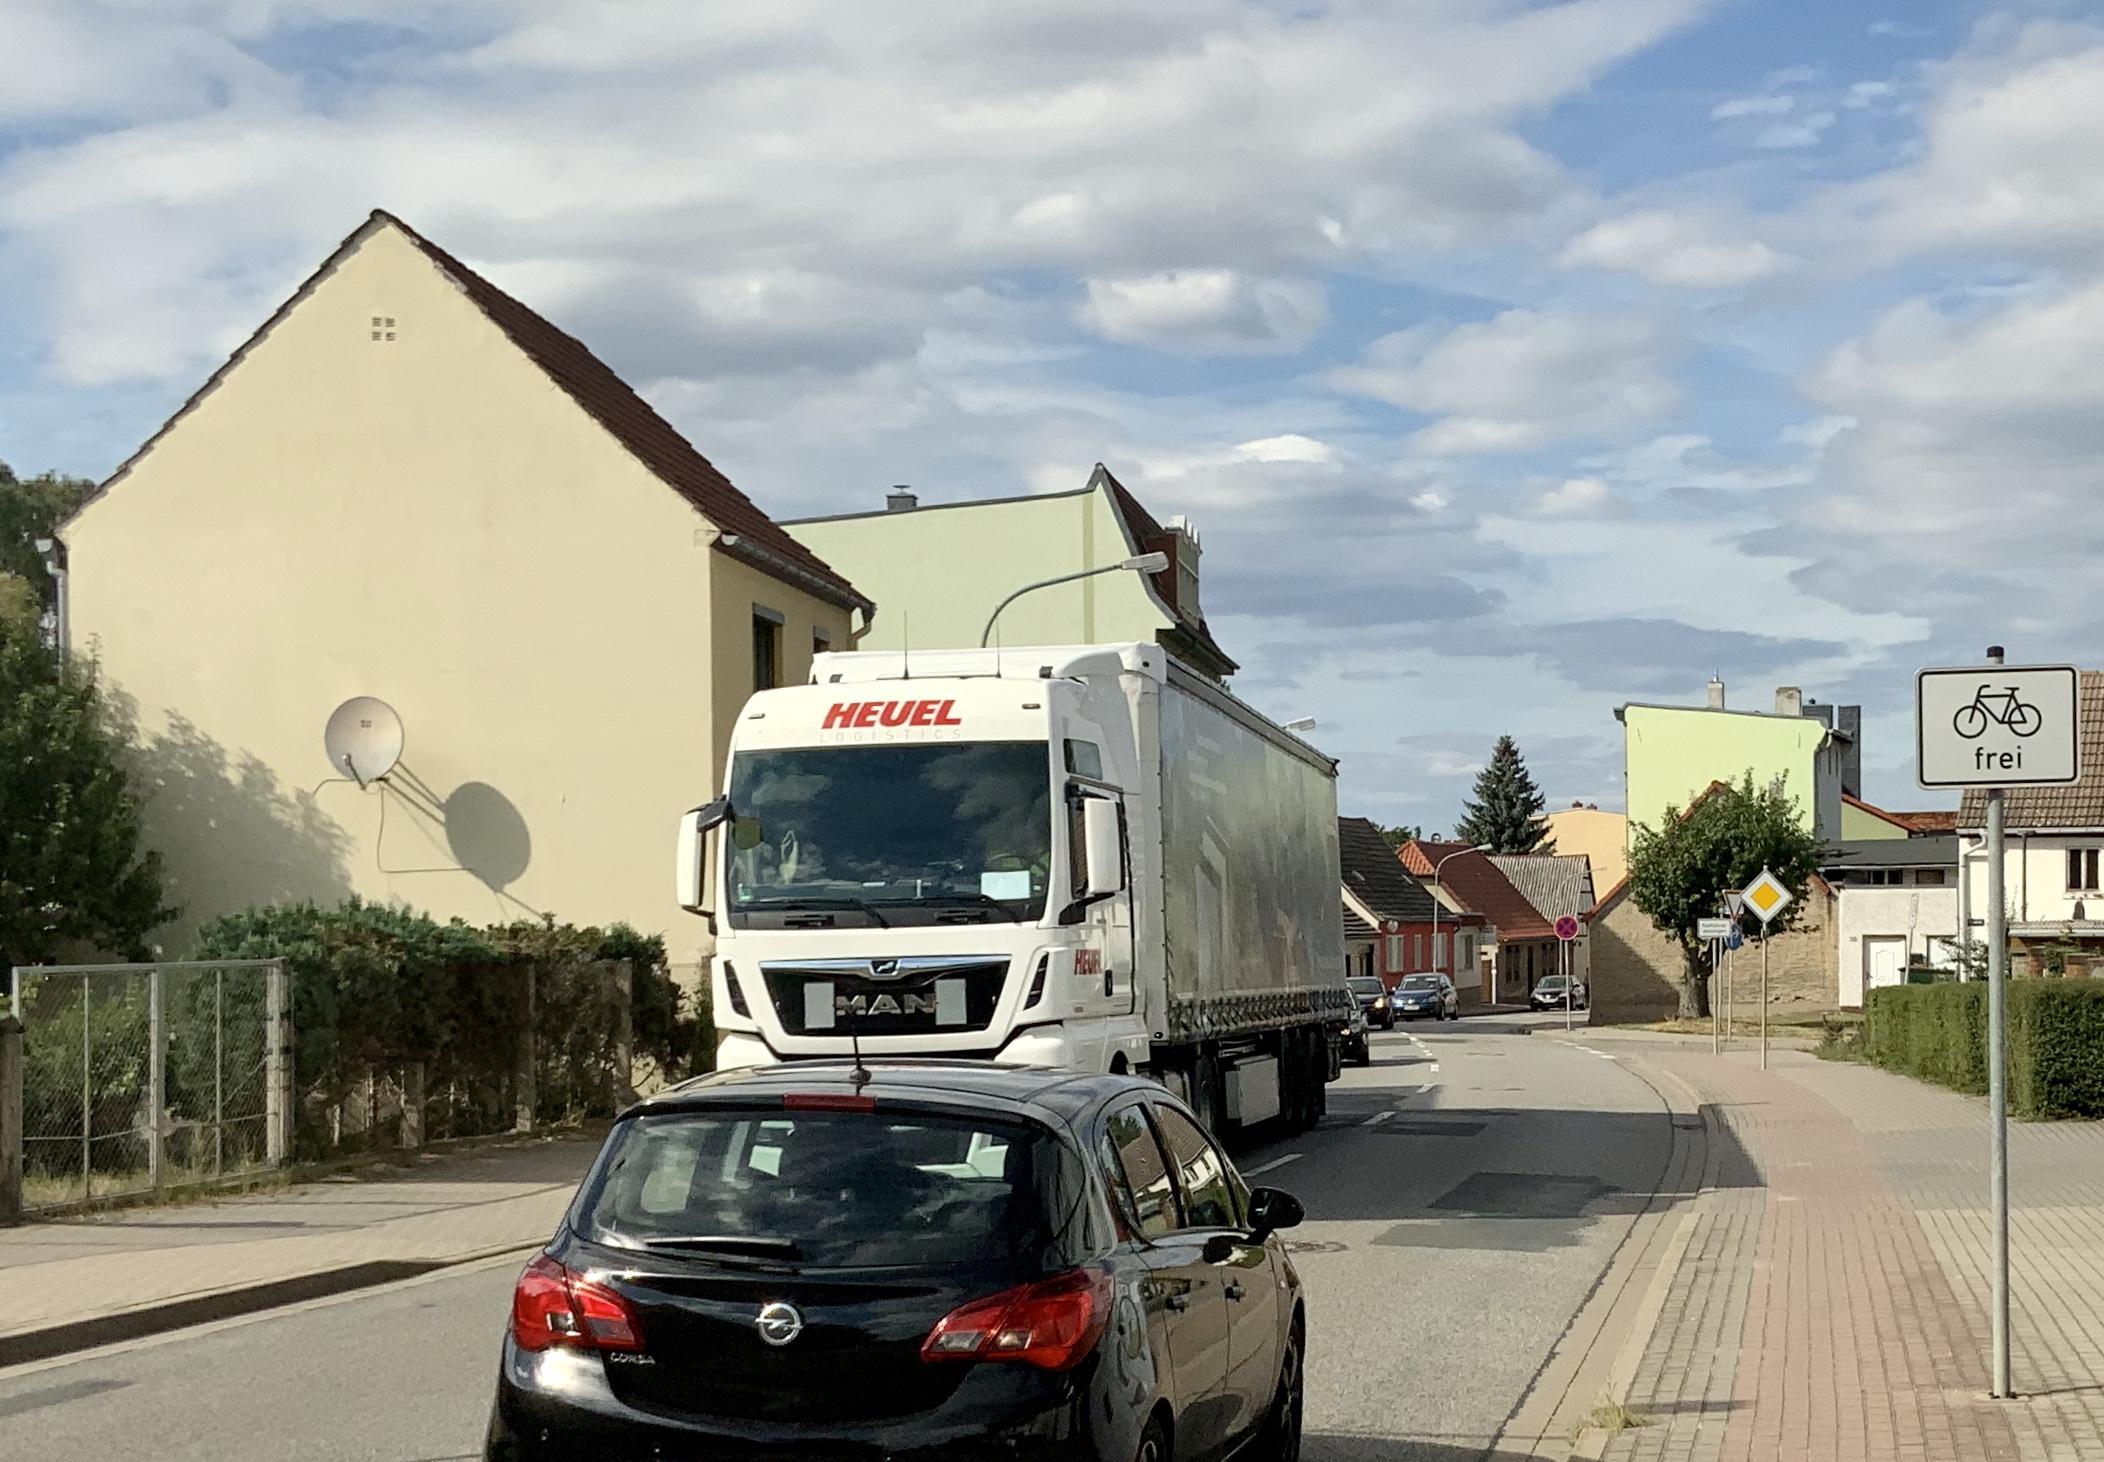 Sowie hier in der Arnstedtstraße queren täglich zahlreiche Fahrzeuge die Stadt Calbe(Saale).